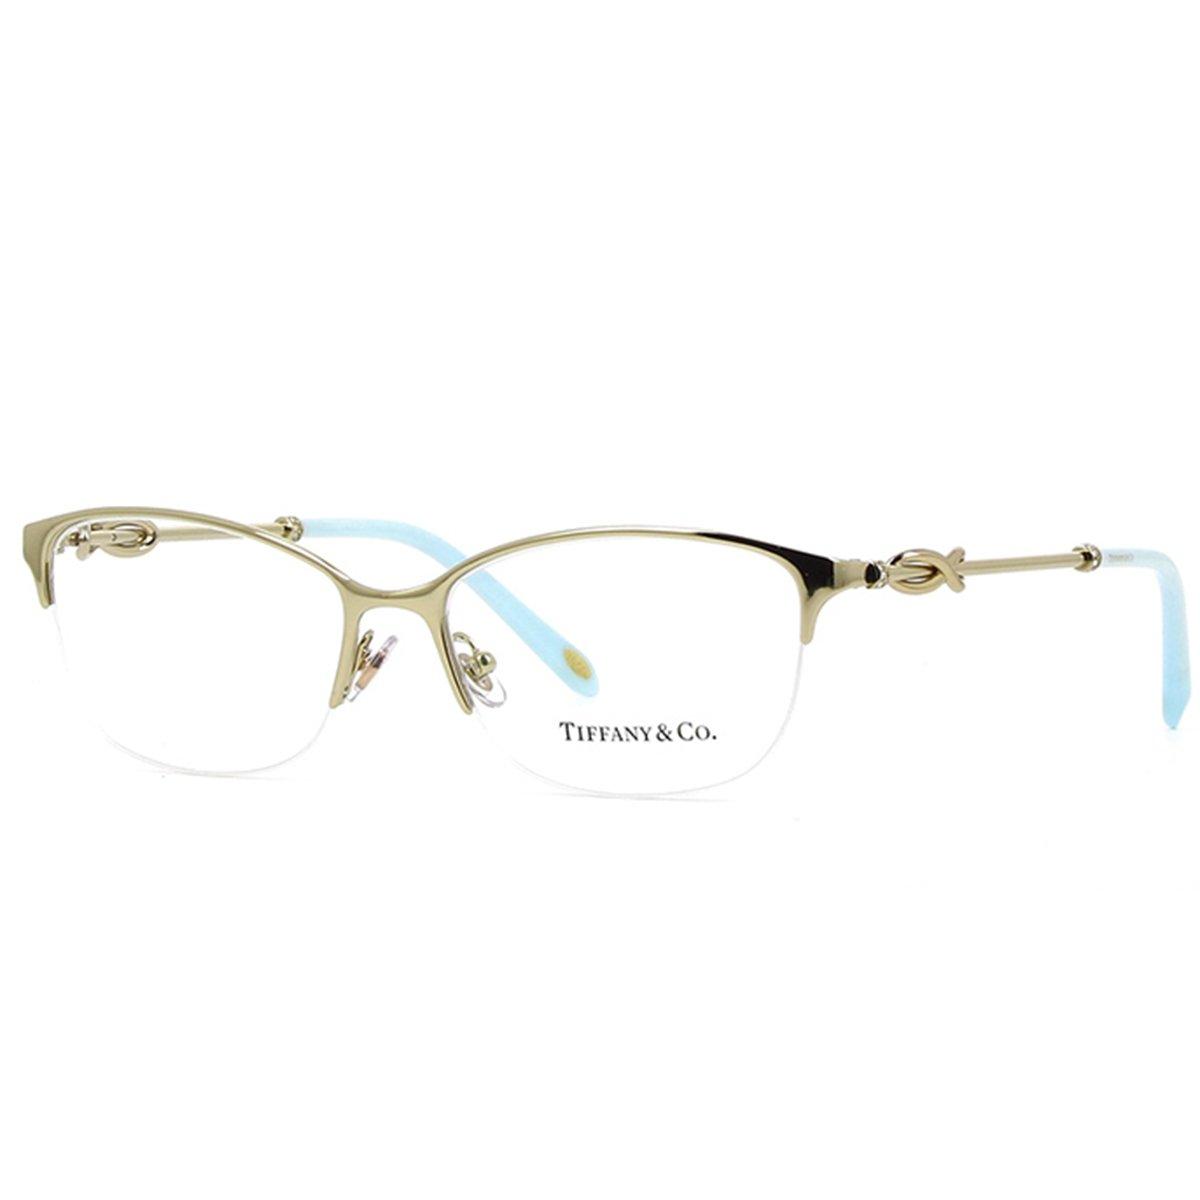 Compre Óculos de Grau Tiffany em 10X   Tri-Jóia Shop 1c447c5021